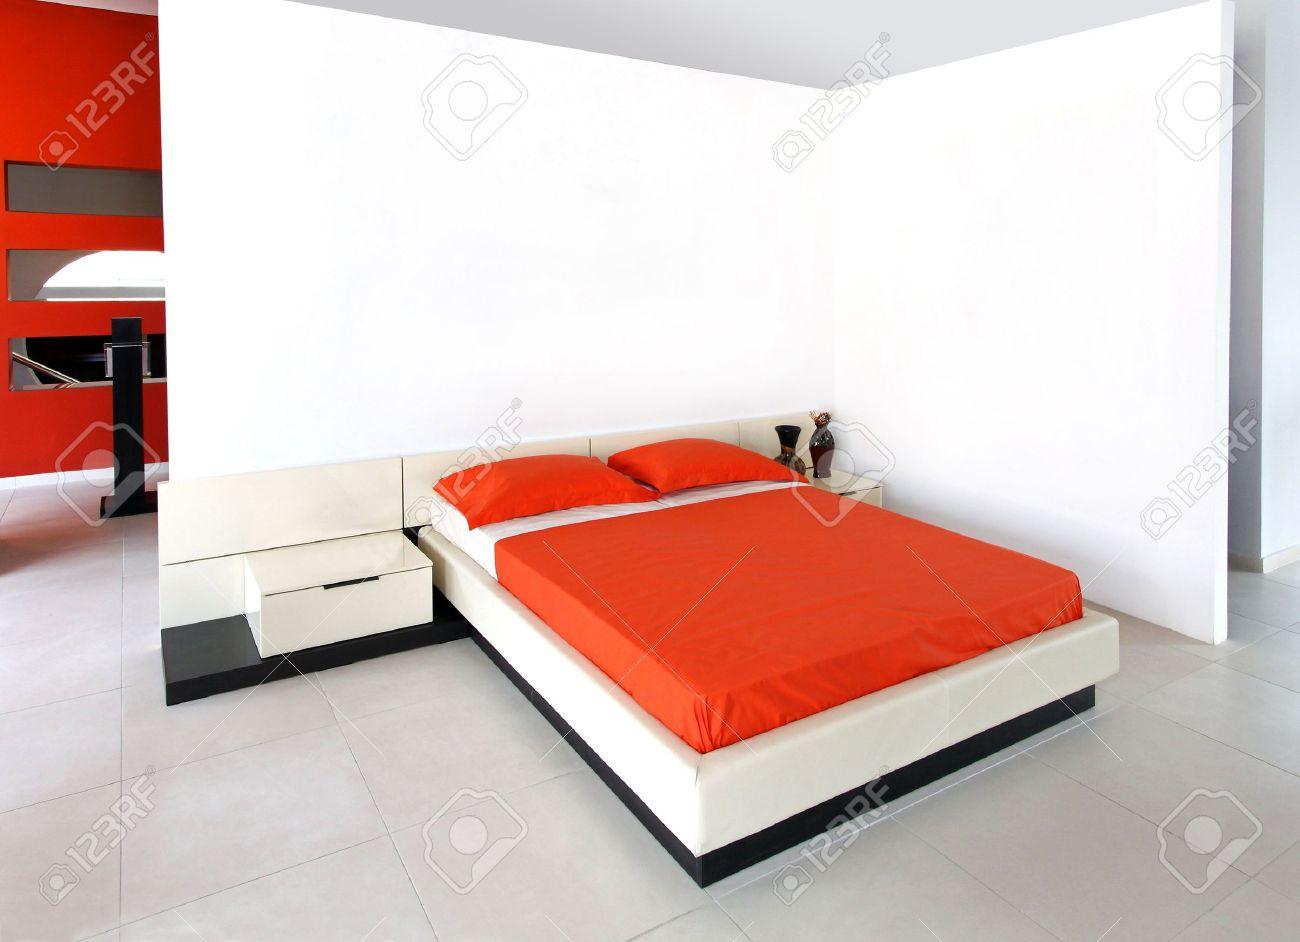 Modern Furniture Red modern furniture stock photos. royalty free modern furniture